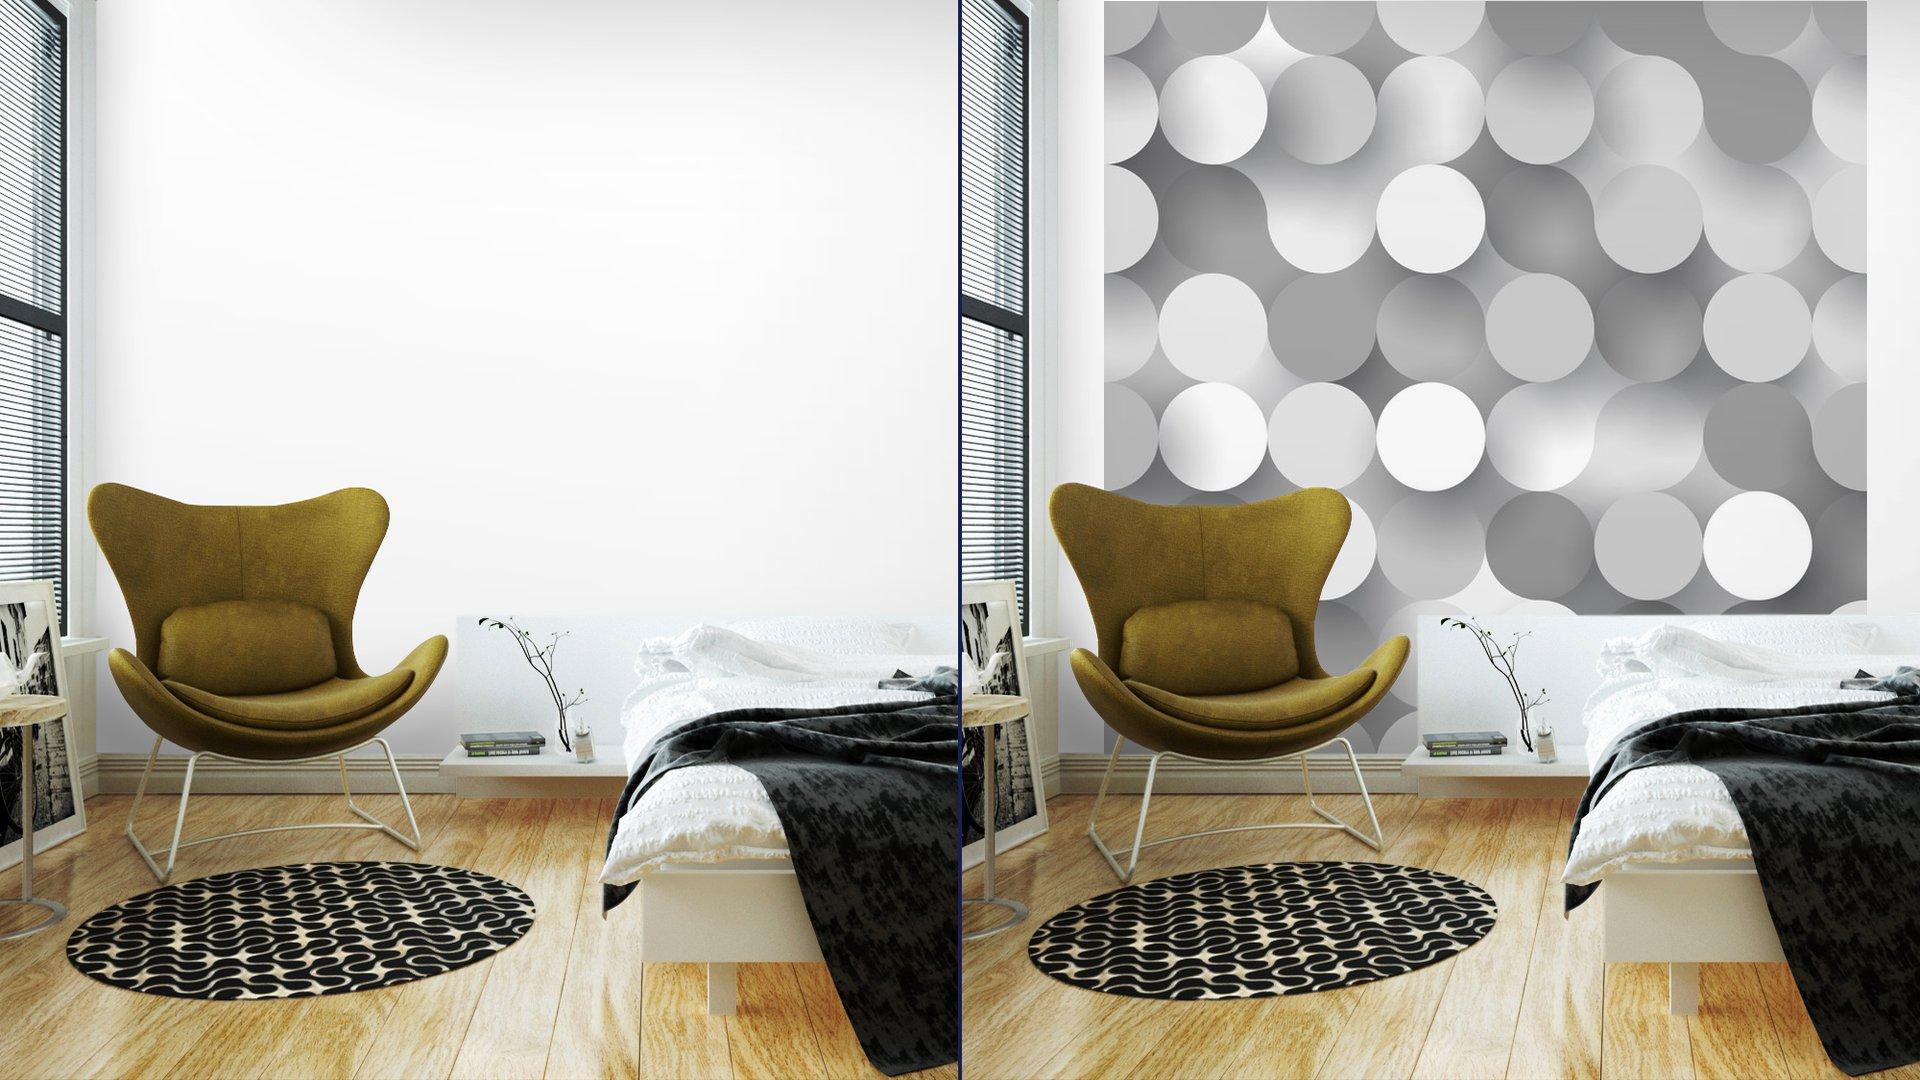 CÍRCULOS PLANAS SIN COSTURA7 - Fotomural Tapiz Tipo Abstracto Fondo Blanco